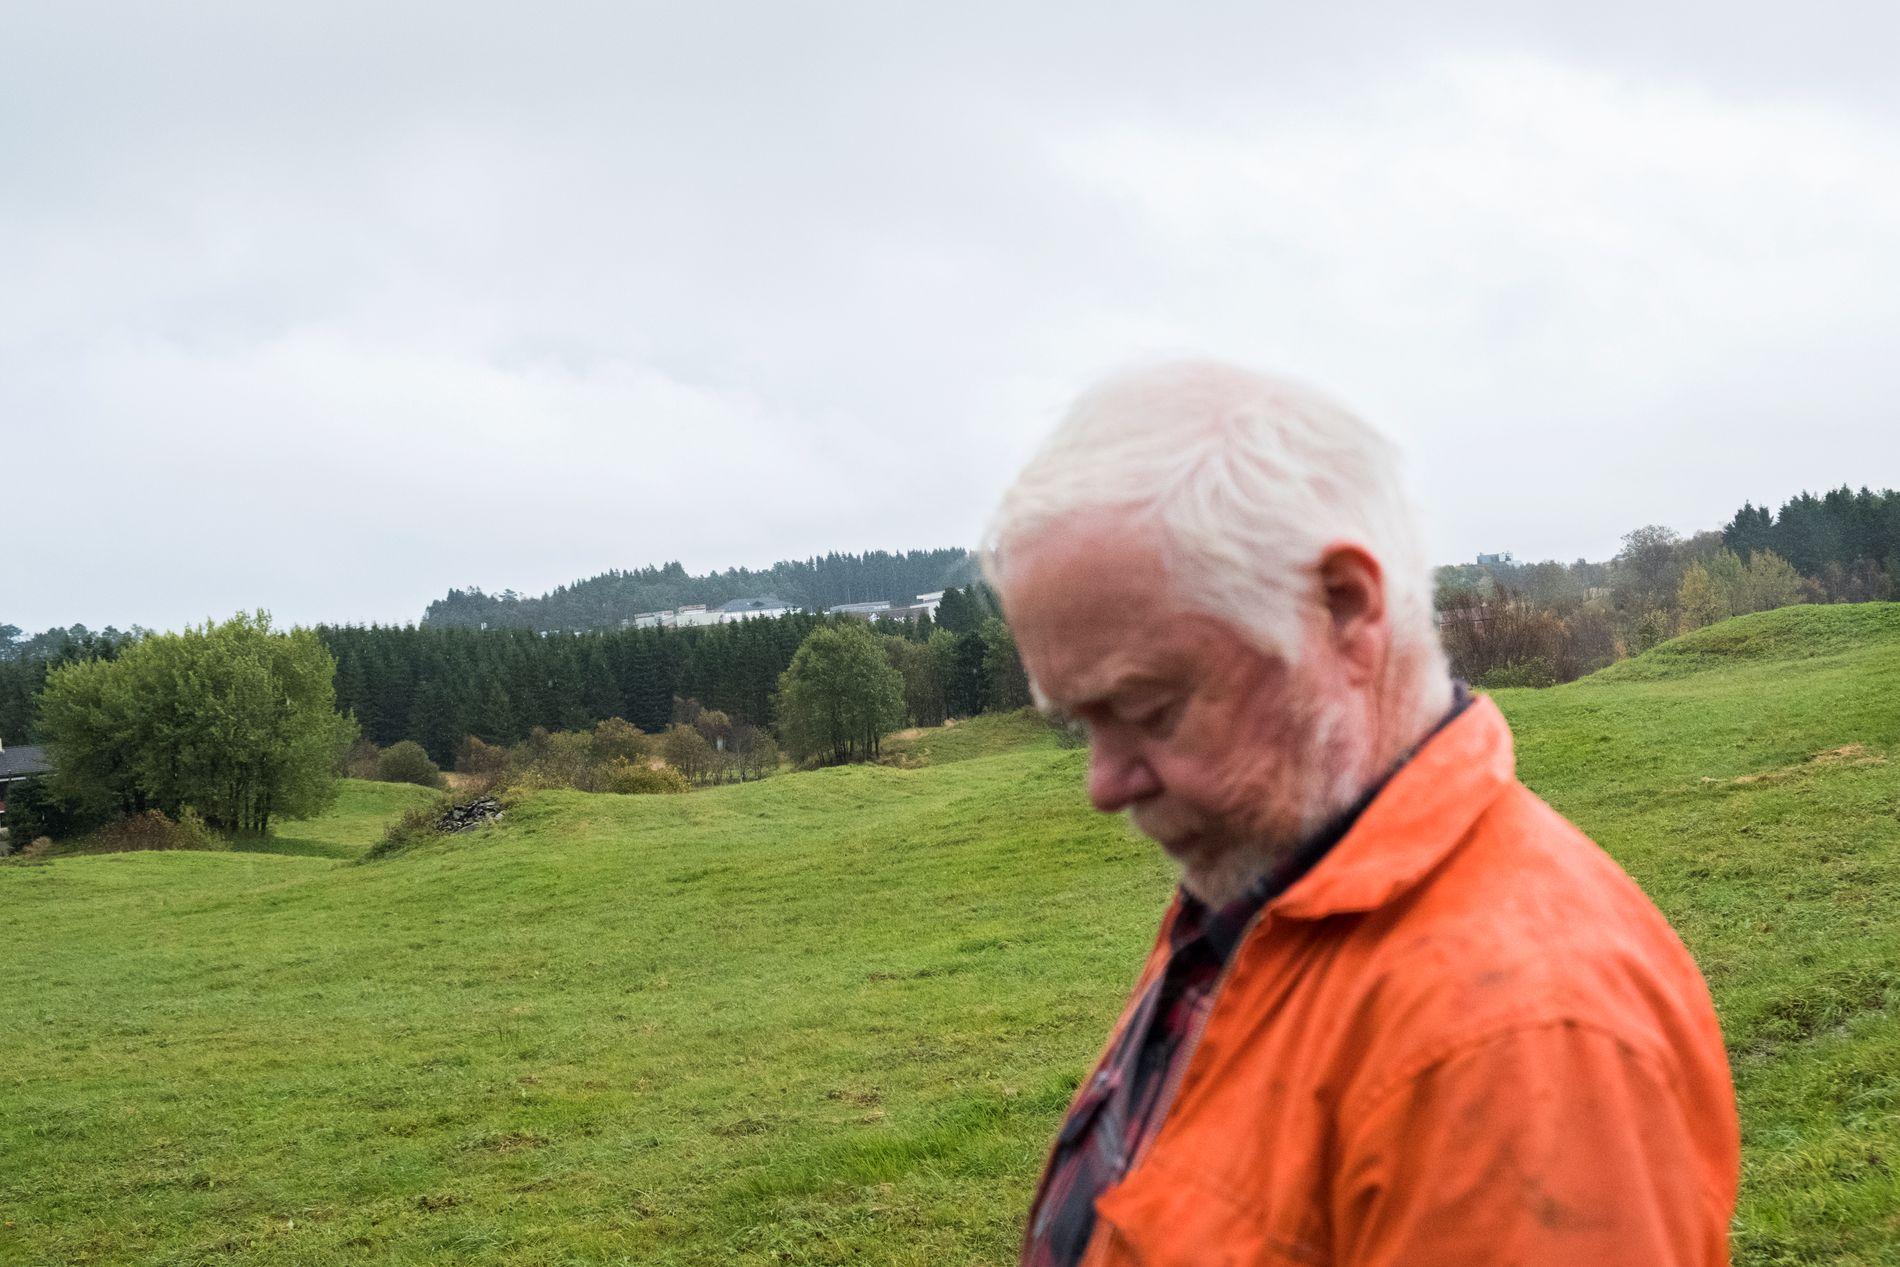 BONDEN: Erling Liland protesterer mot at bystyret i førre veke avgjorde å leggje markene hans under asfalt. Først etter han stod fram i BT reagerte Fylkesmannen. Det heng ikkje på greip, skriv BT på leiarplass.